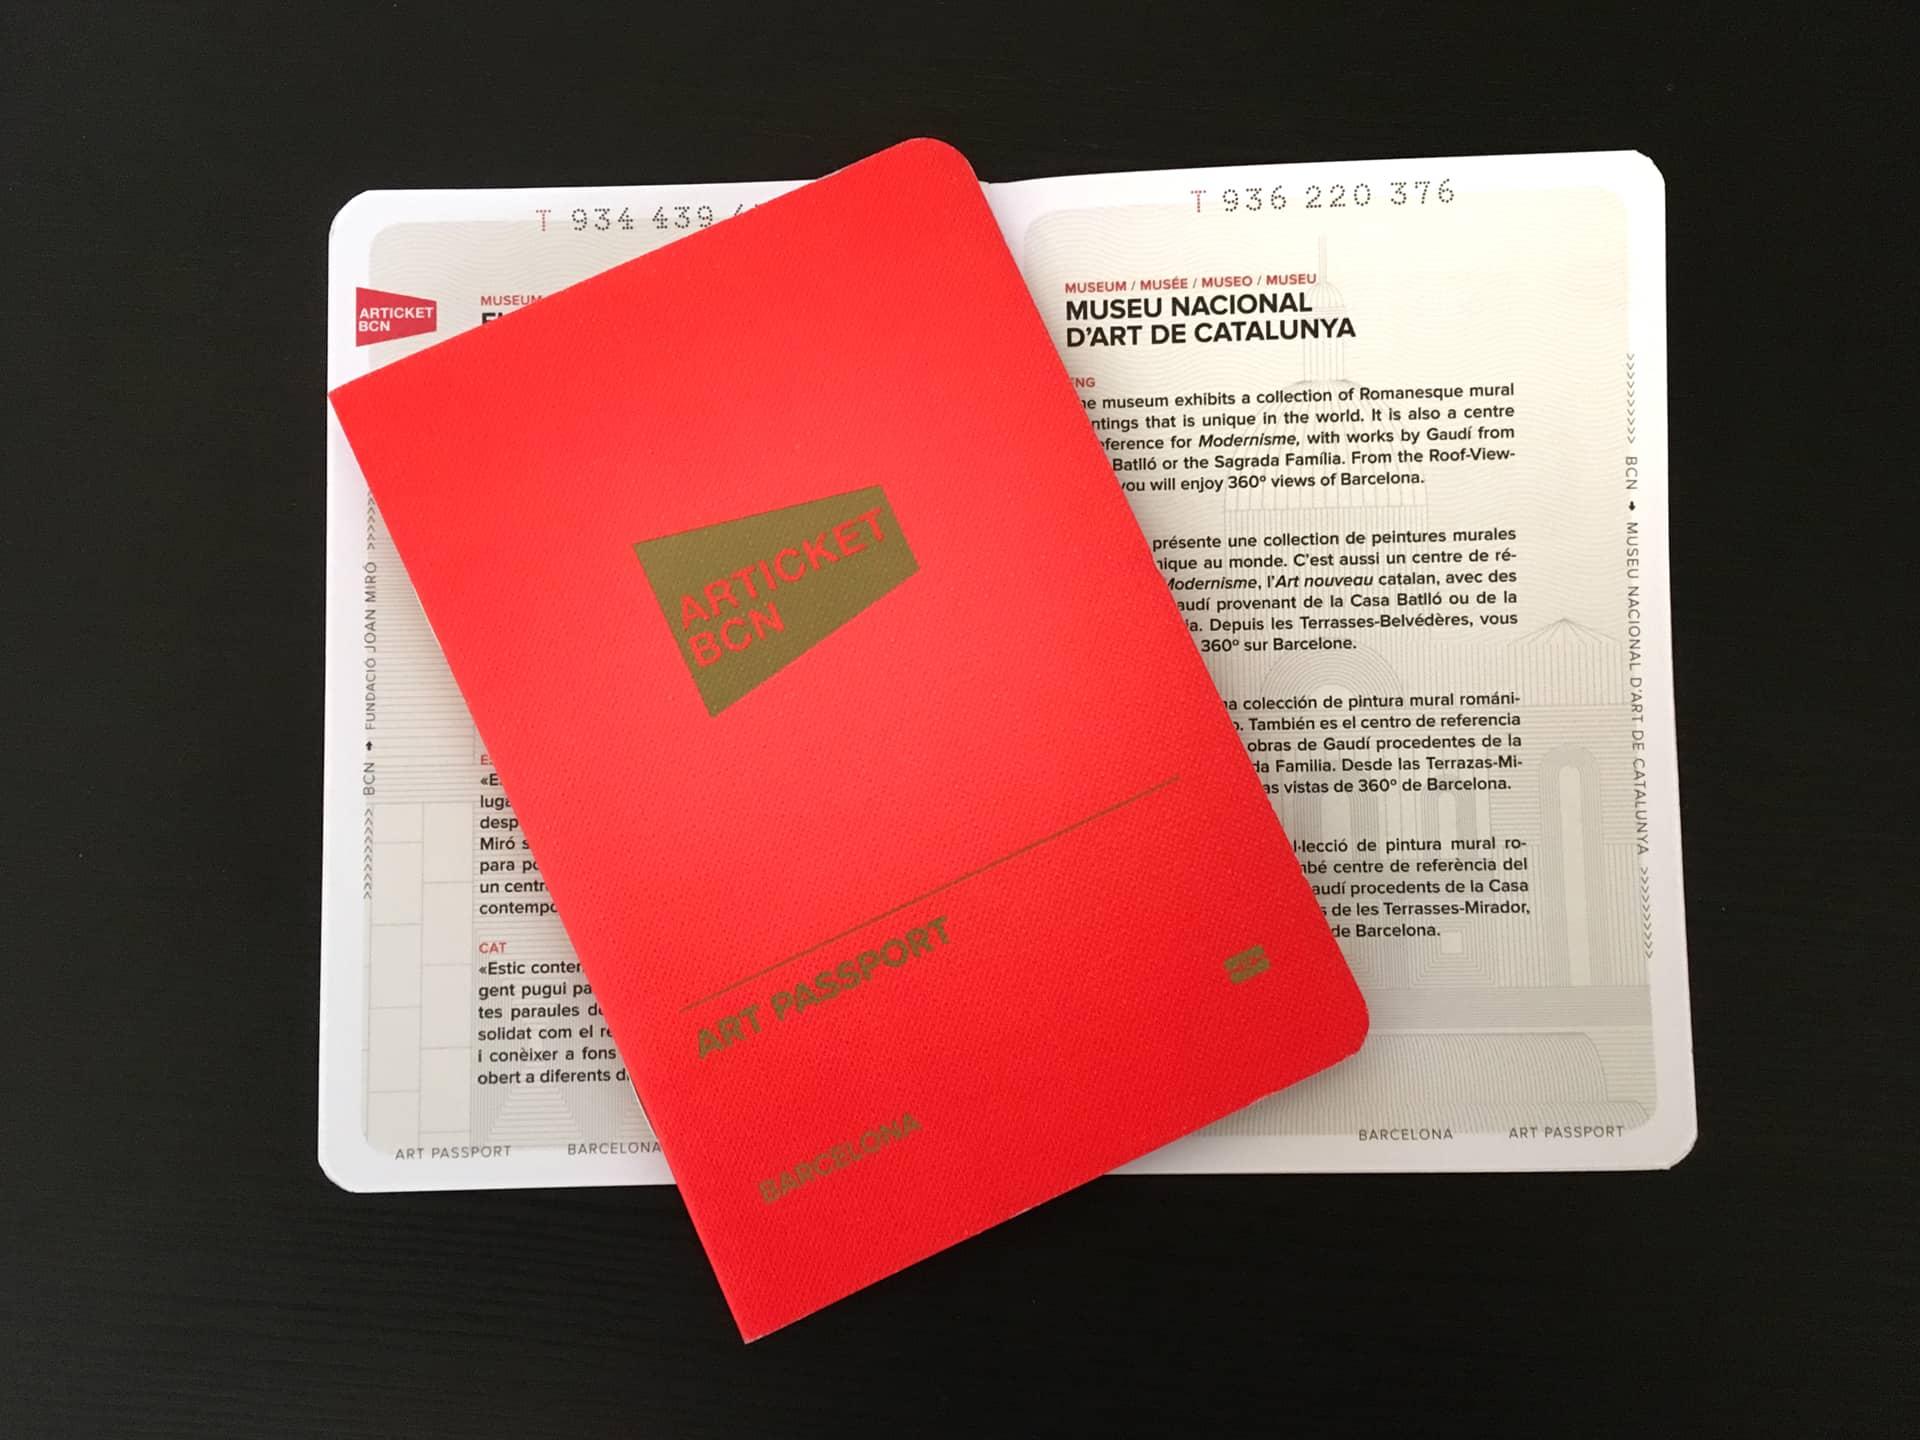 ARTICKET BCN - Barcelona Art Passport